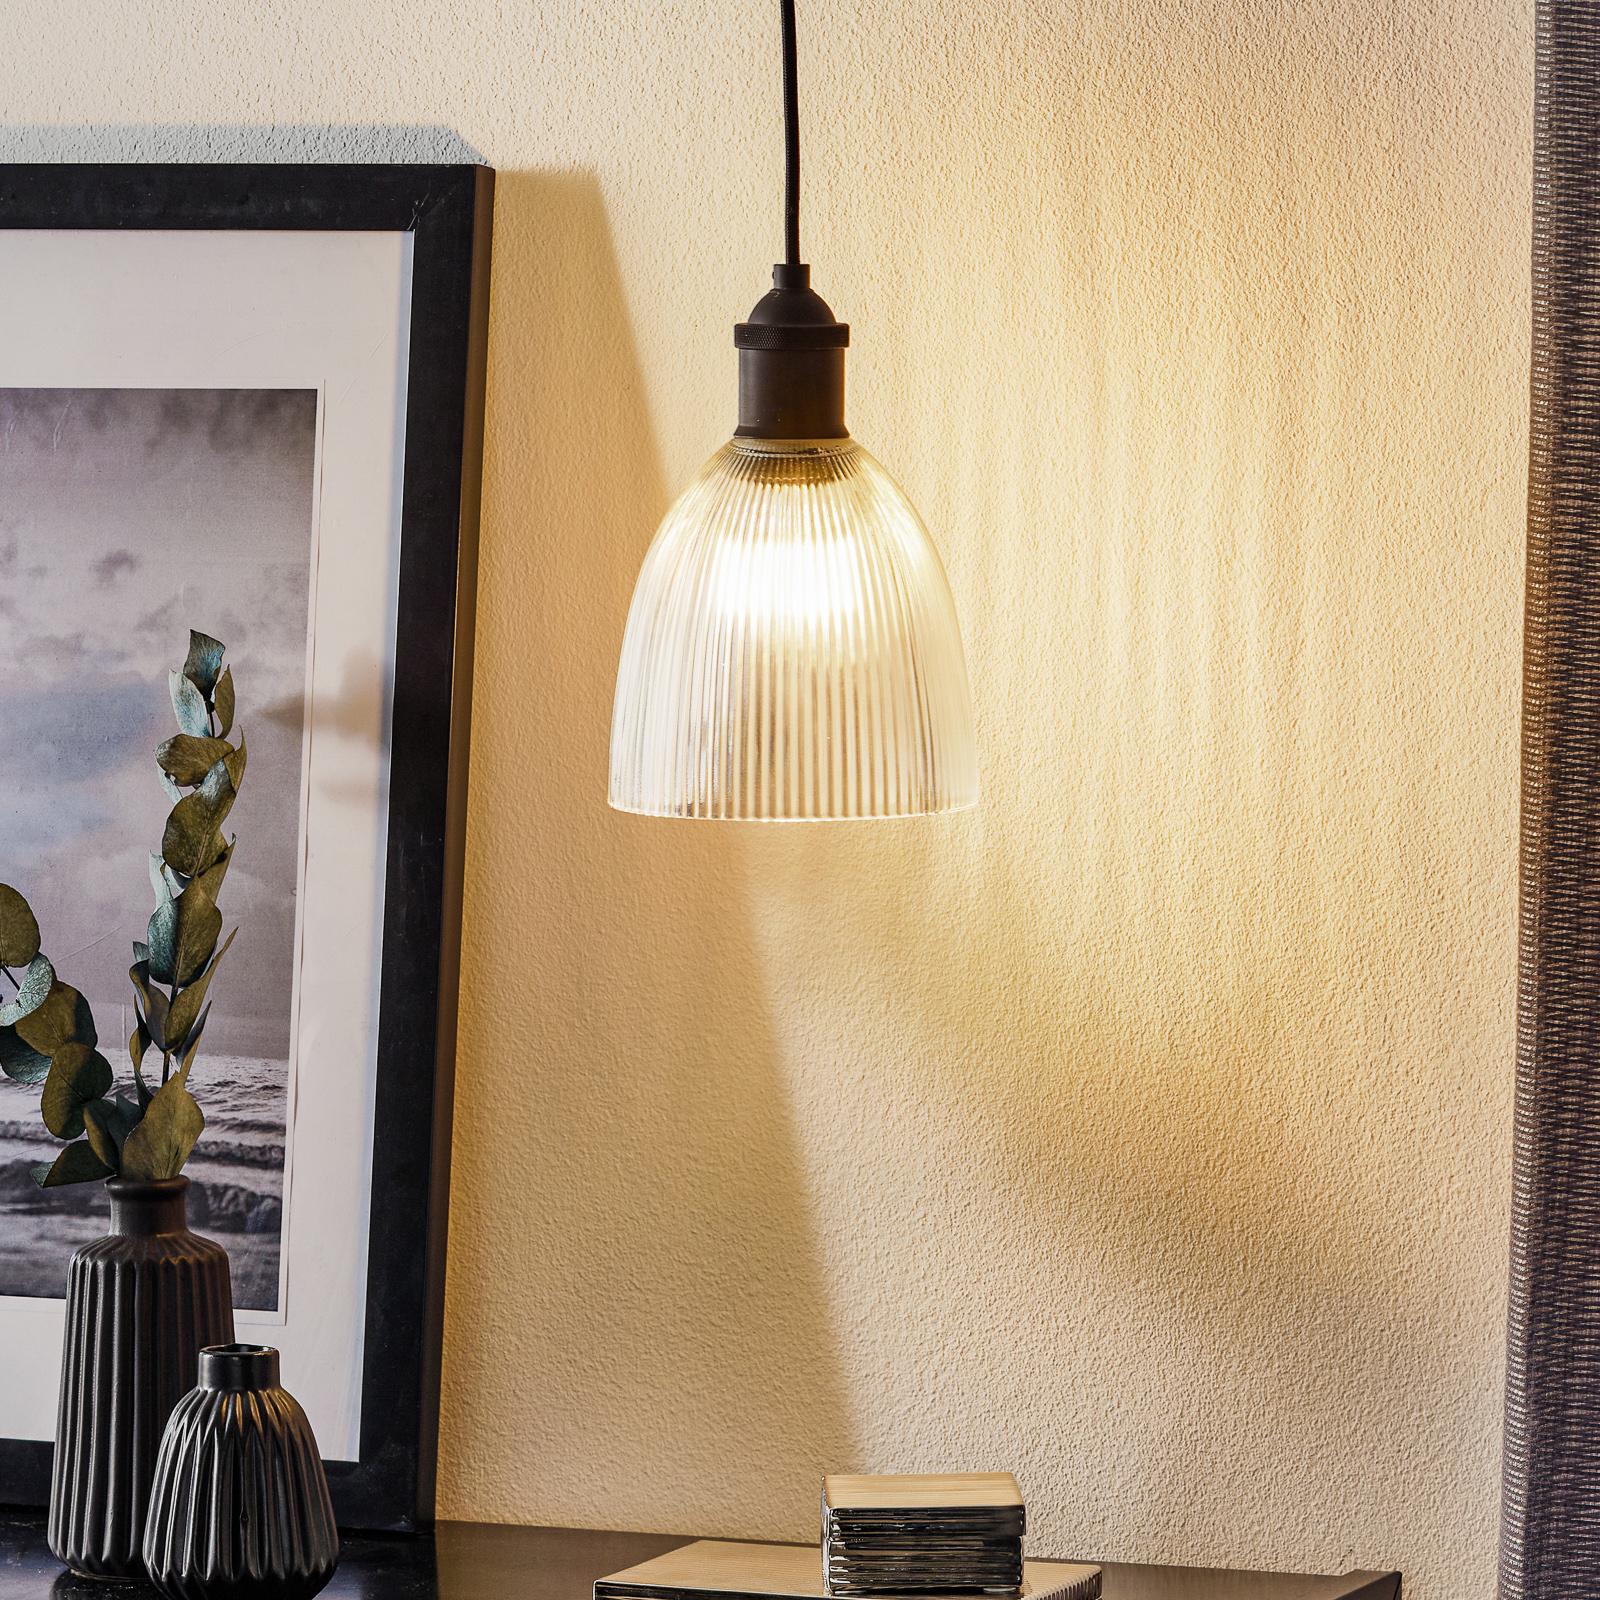 Westinghouse hængelampe 6338540, rillet glas